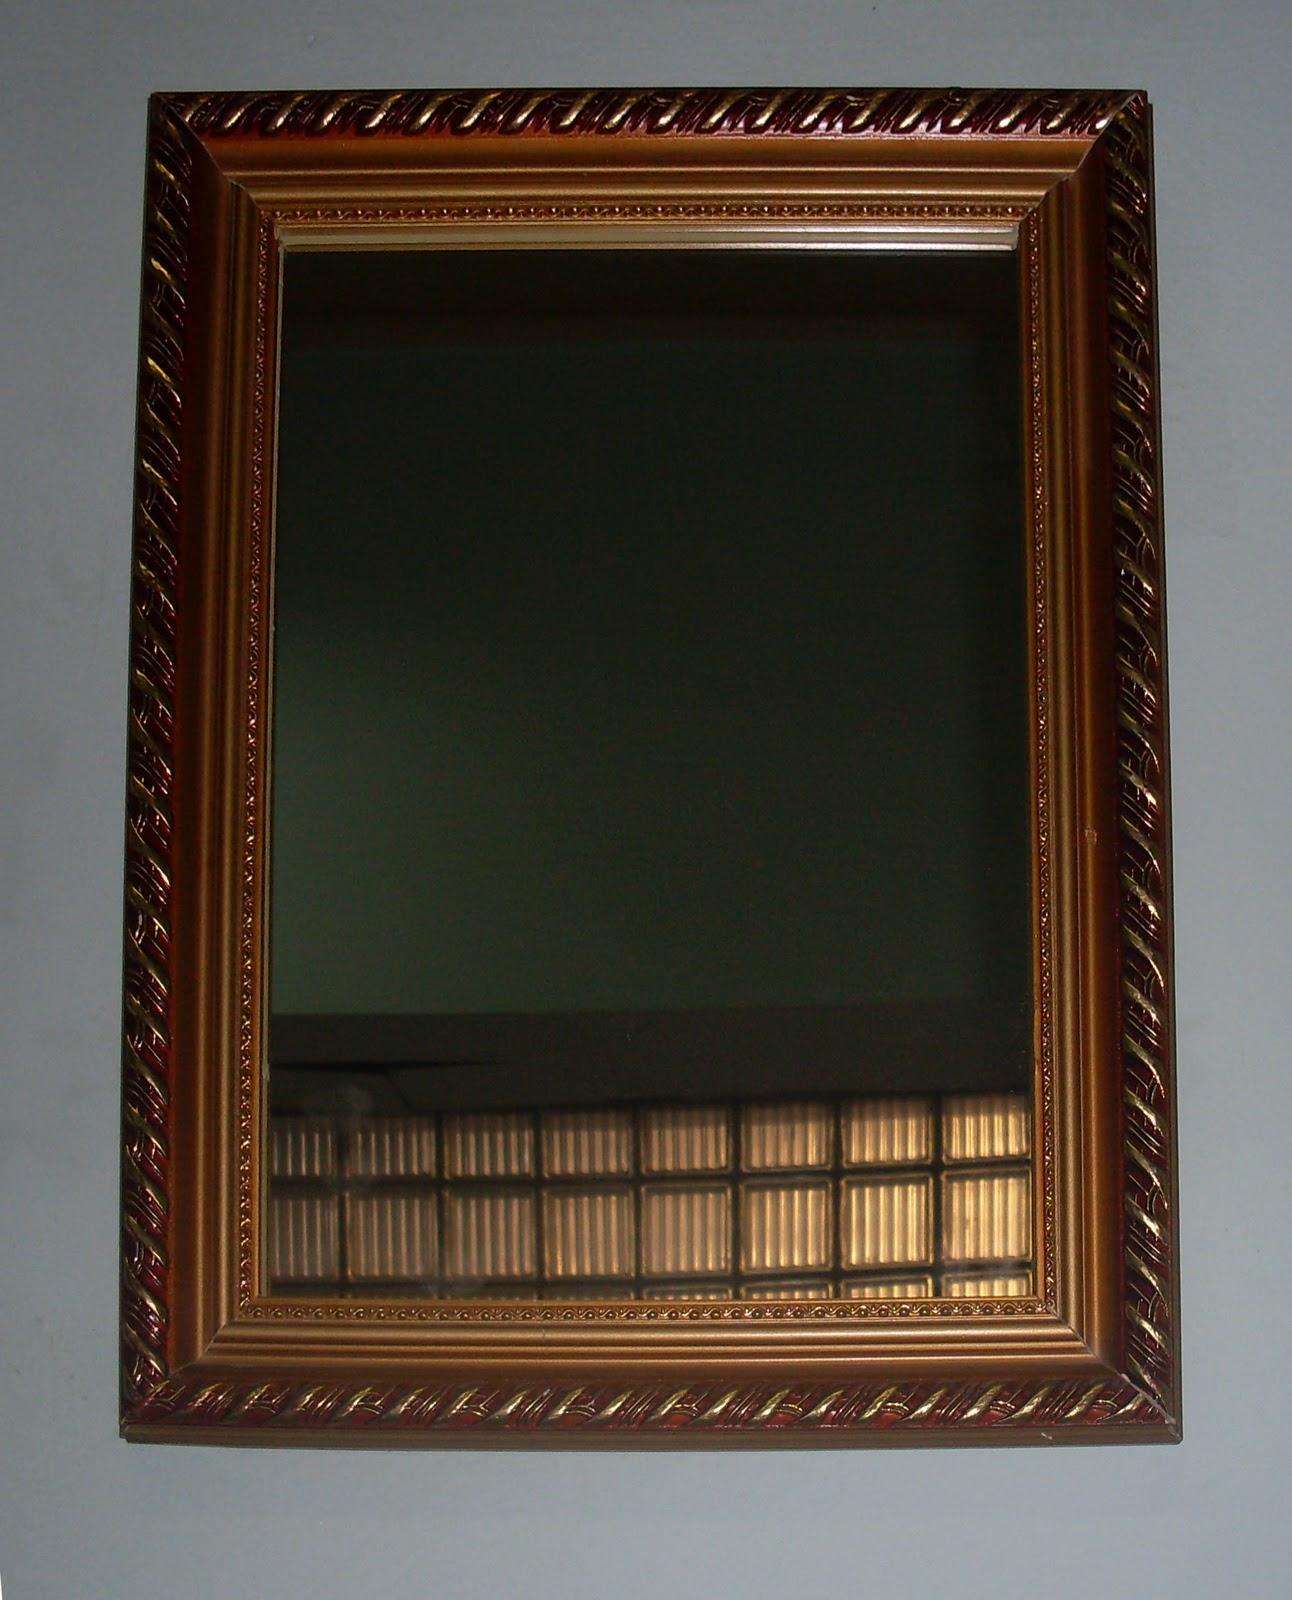 Espejos con marcos artesanales de madera en venta cristales floza - Marcos de madera ...